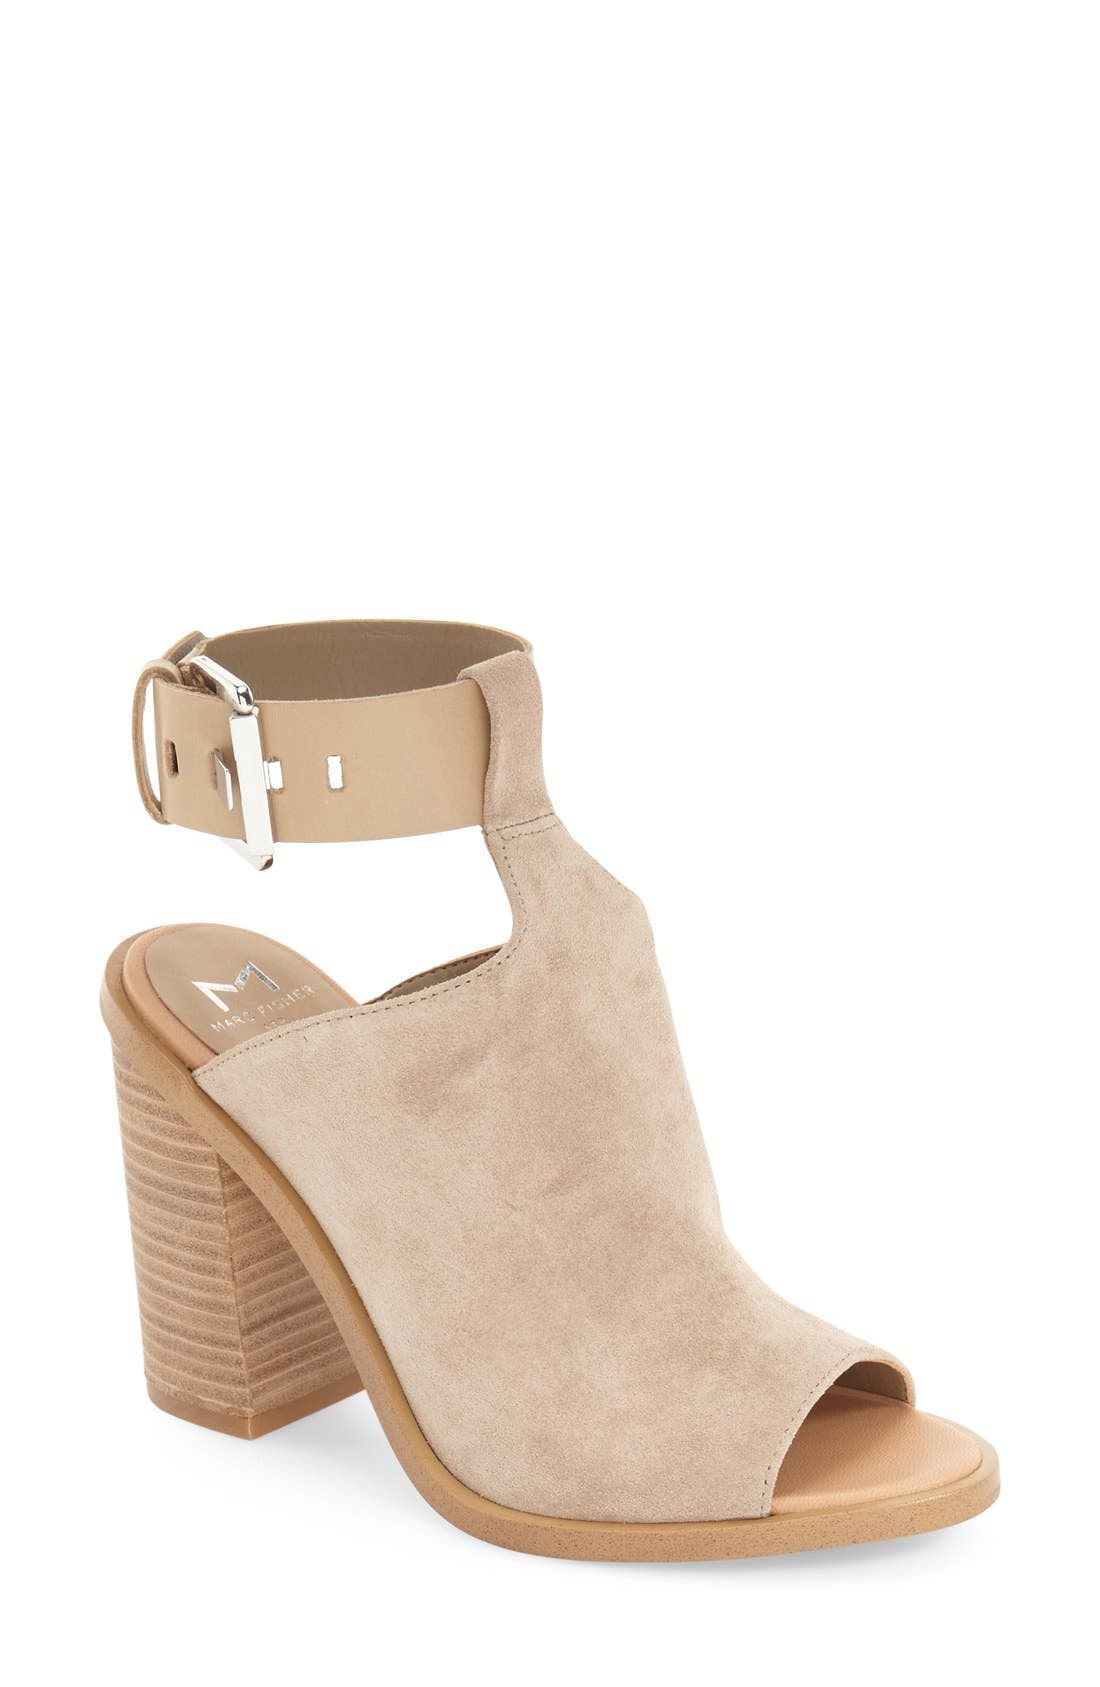 Image of Marc Fisher LTD Vashi Ankle Strap Sandal